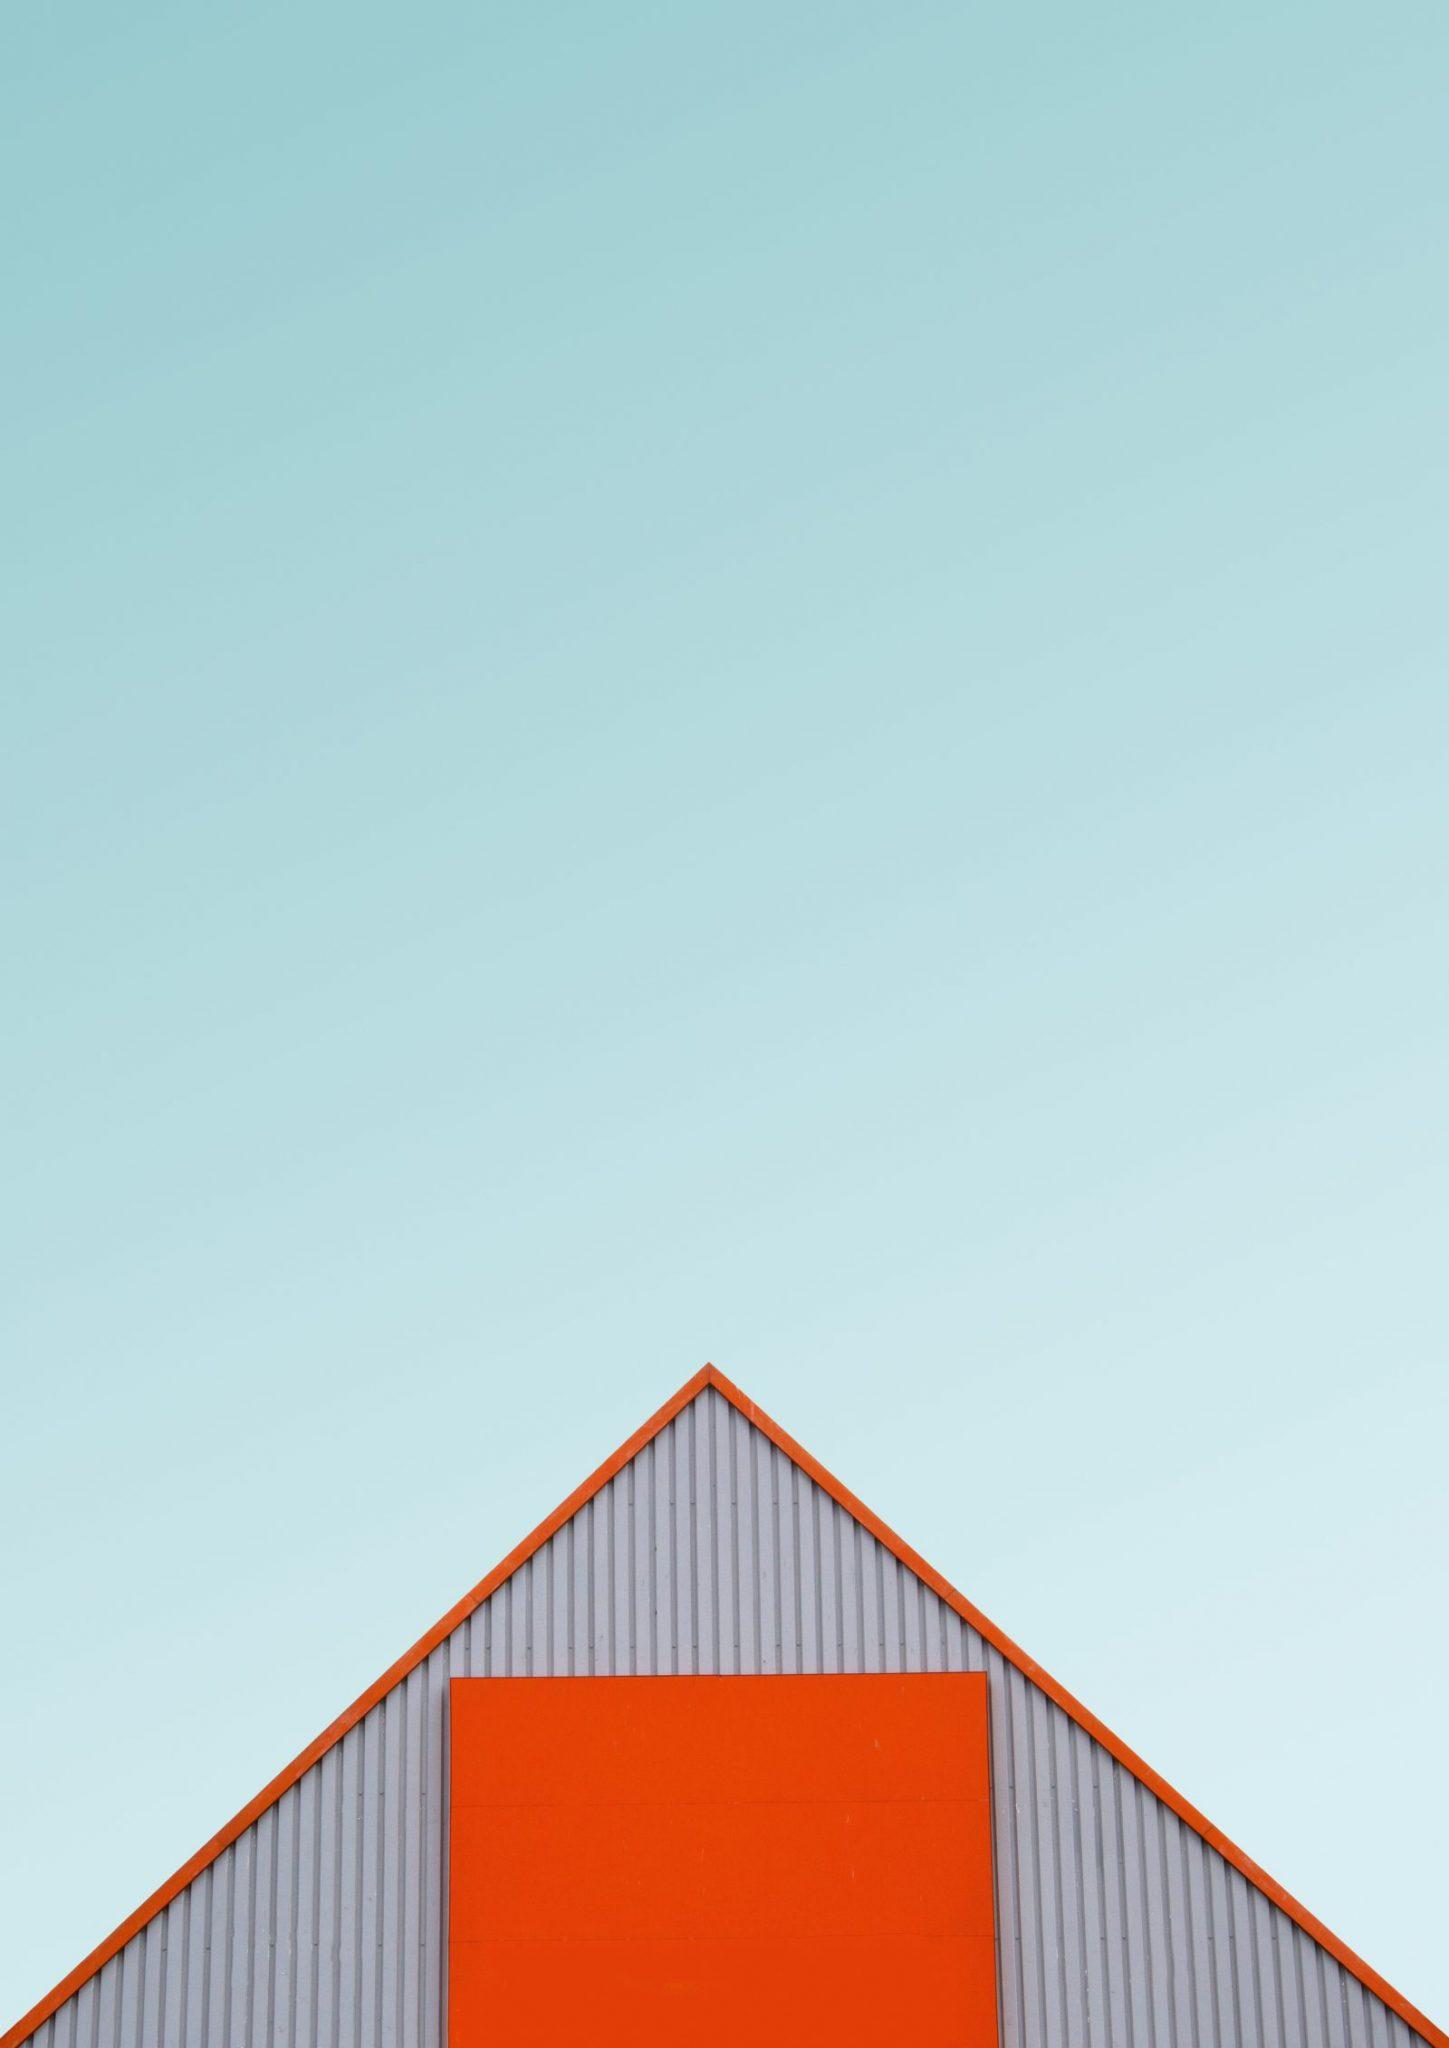 simone-hutsch-384830-unsplash